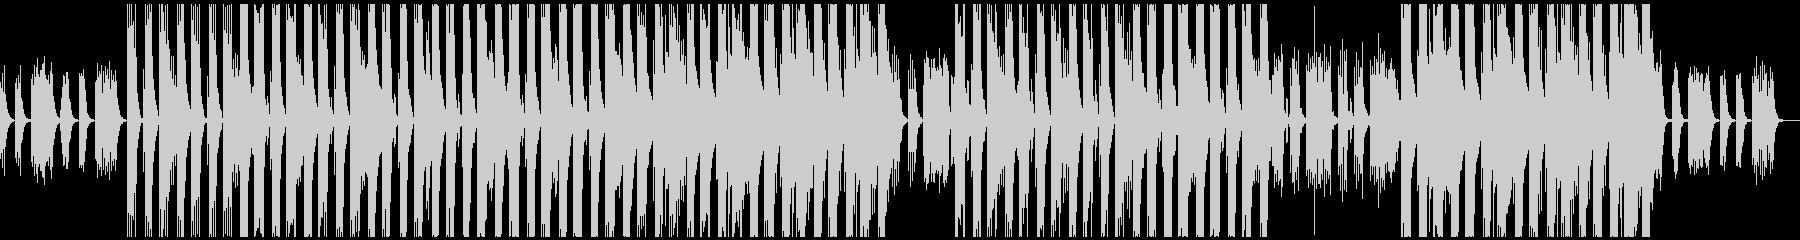 重低音のヒップホップトラックの未再生の波形